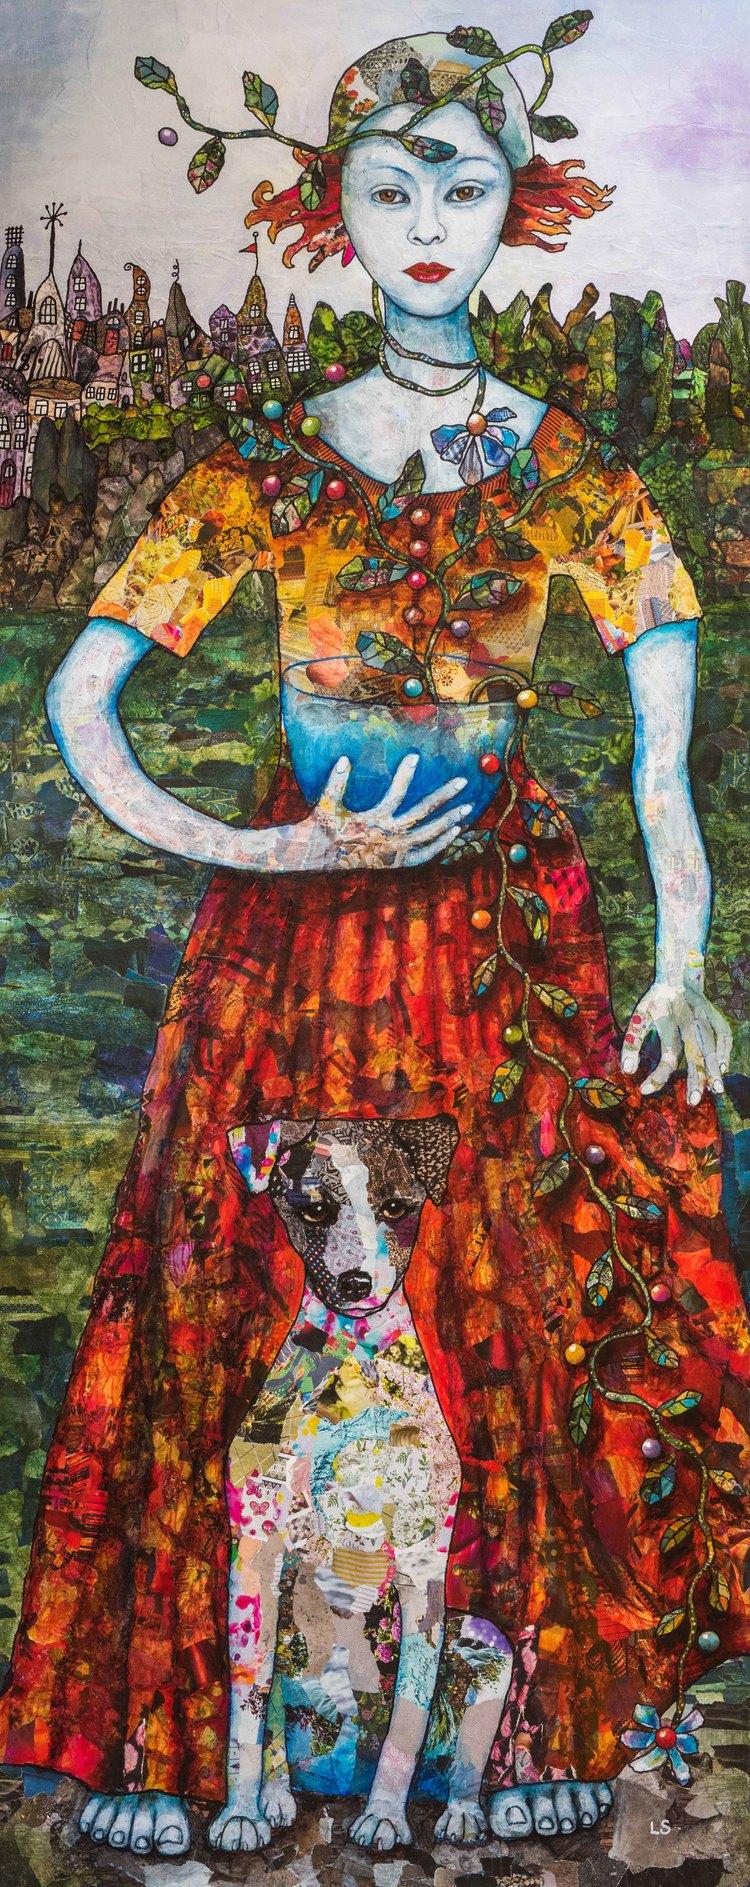 'Girl and farmdog', 2017, ett konstverk av Lena Svedjeholm